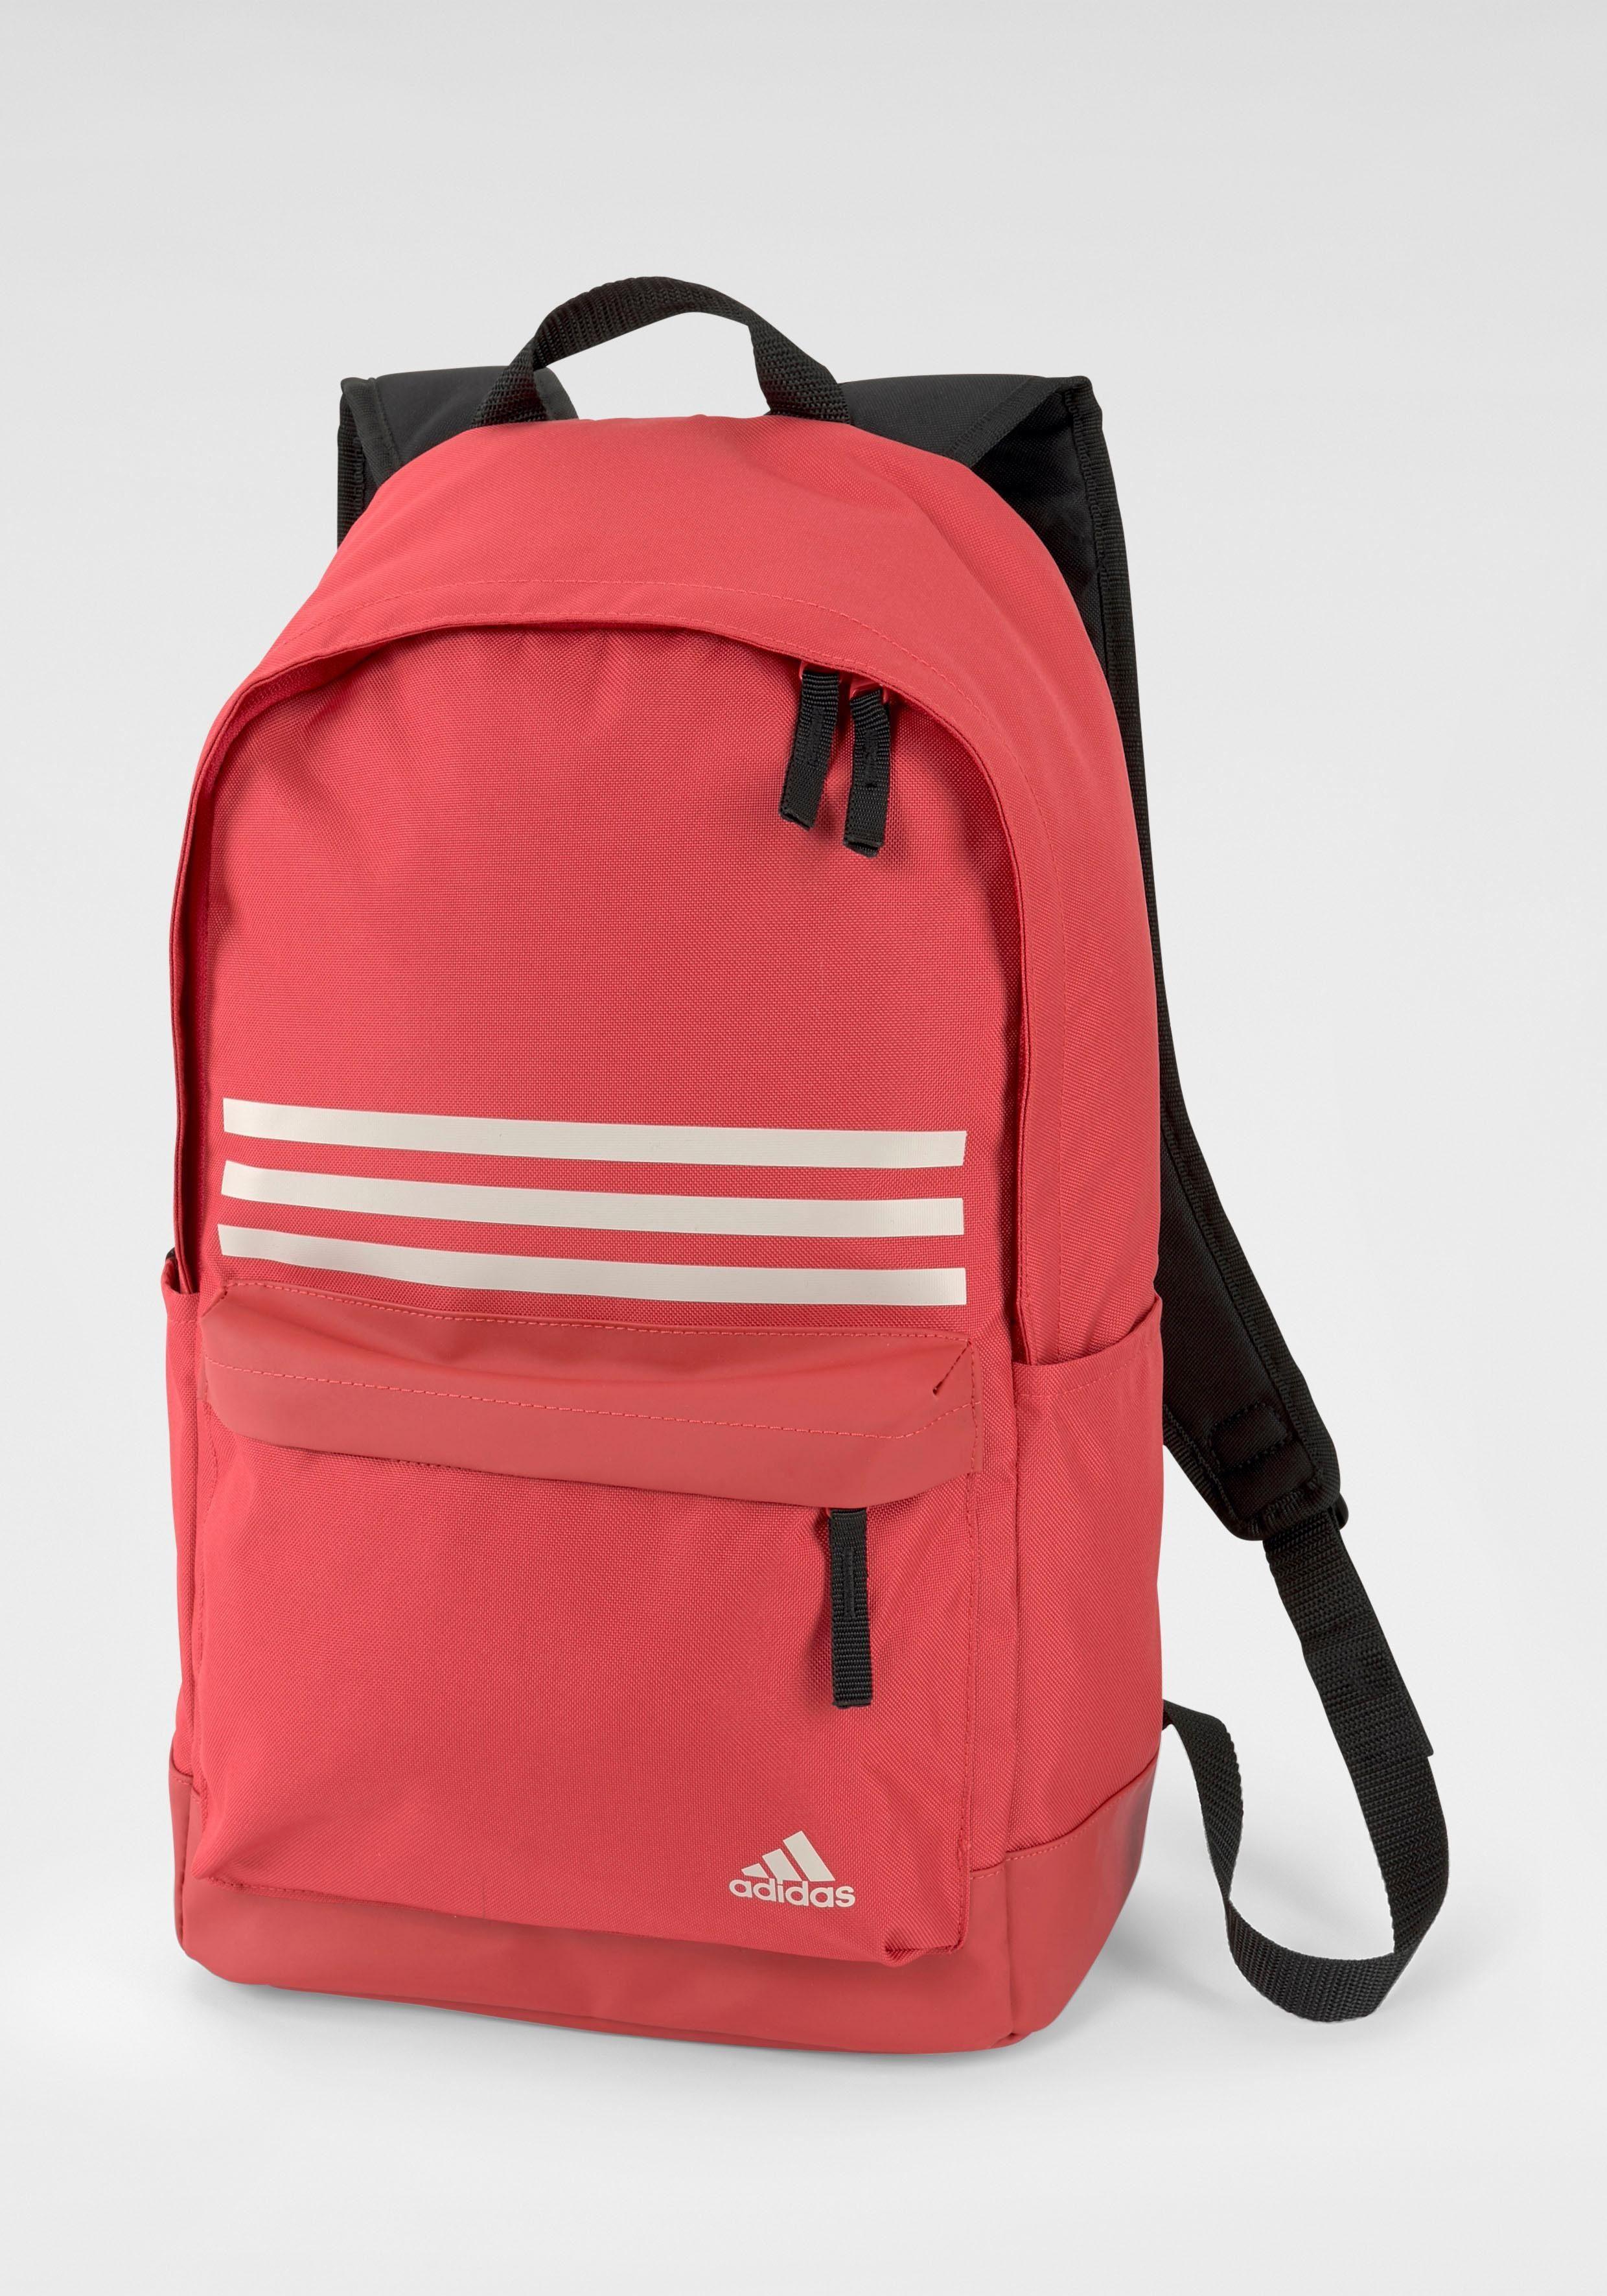 Unisex adidas Performance Sportrucksack rot, schwarz   04062054158423